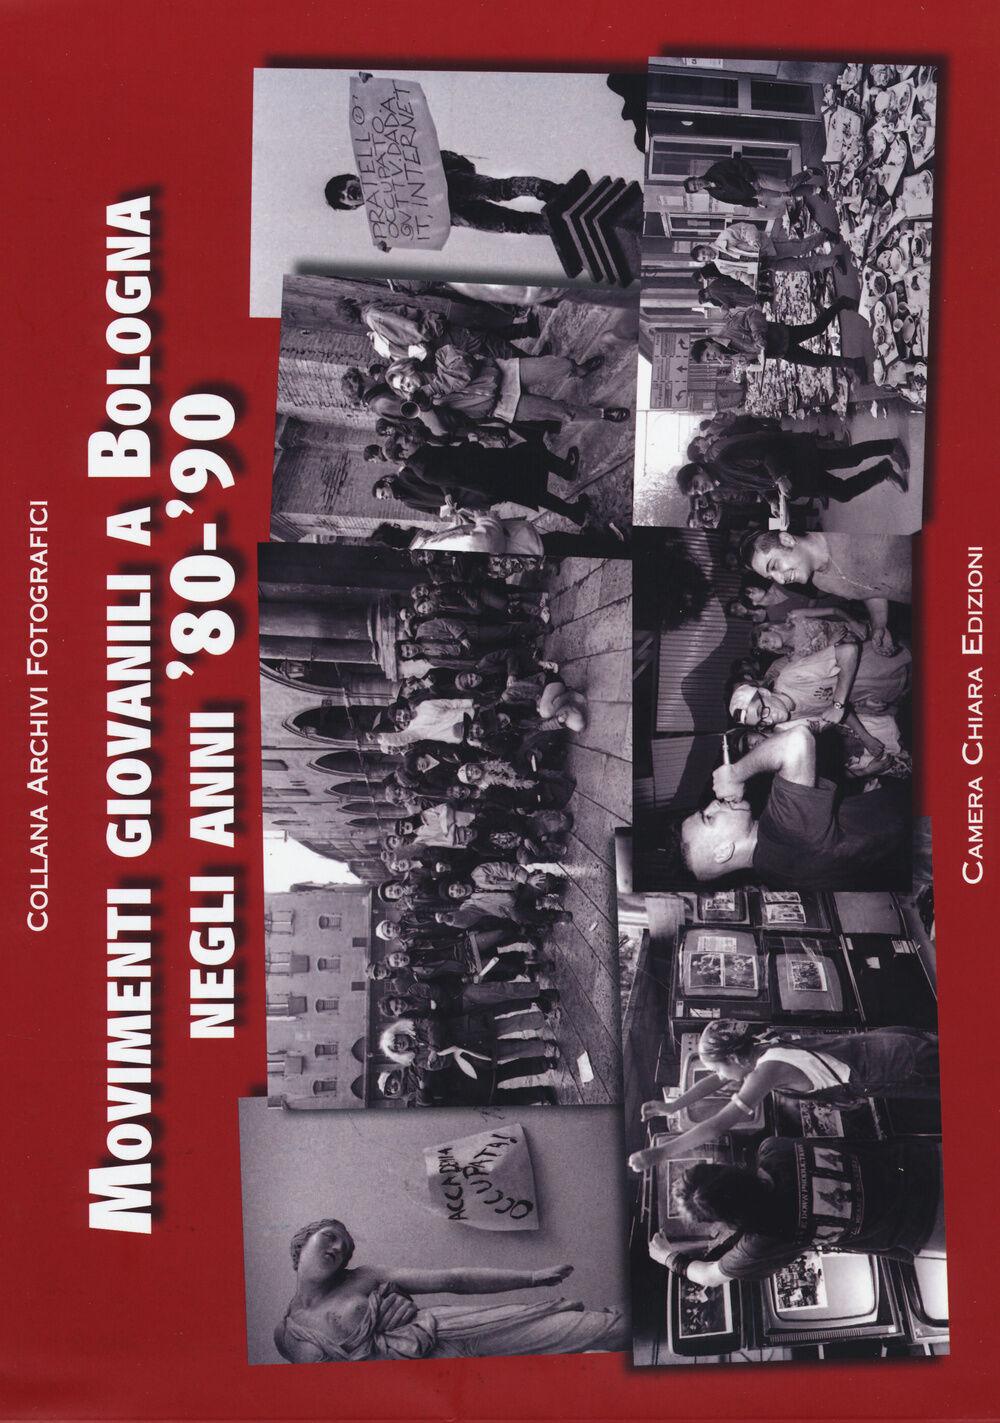 Movimenti giovanili a Bologna negli anni '80-'90